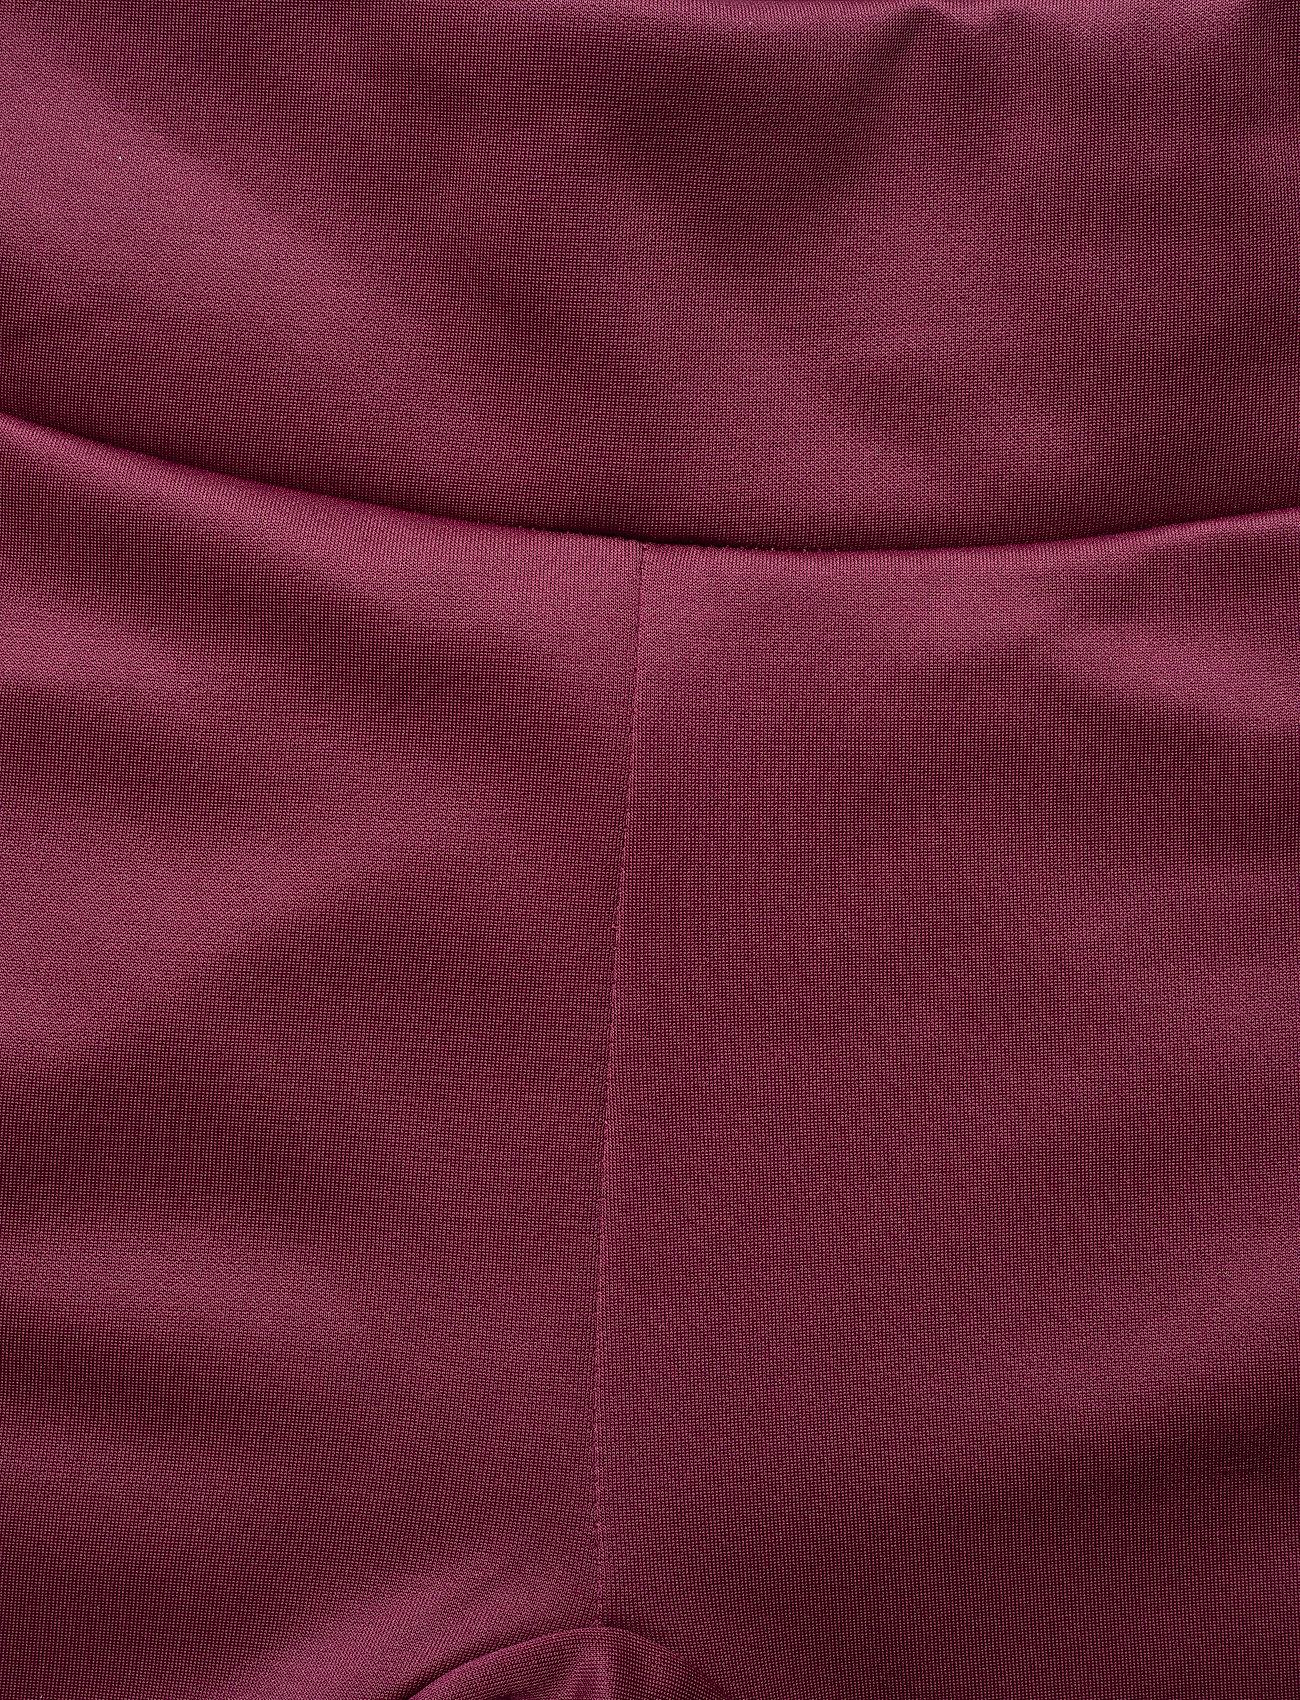 Tenson Therma Pants - Underställ